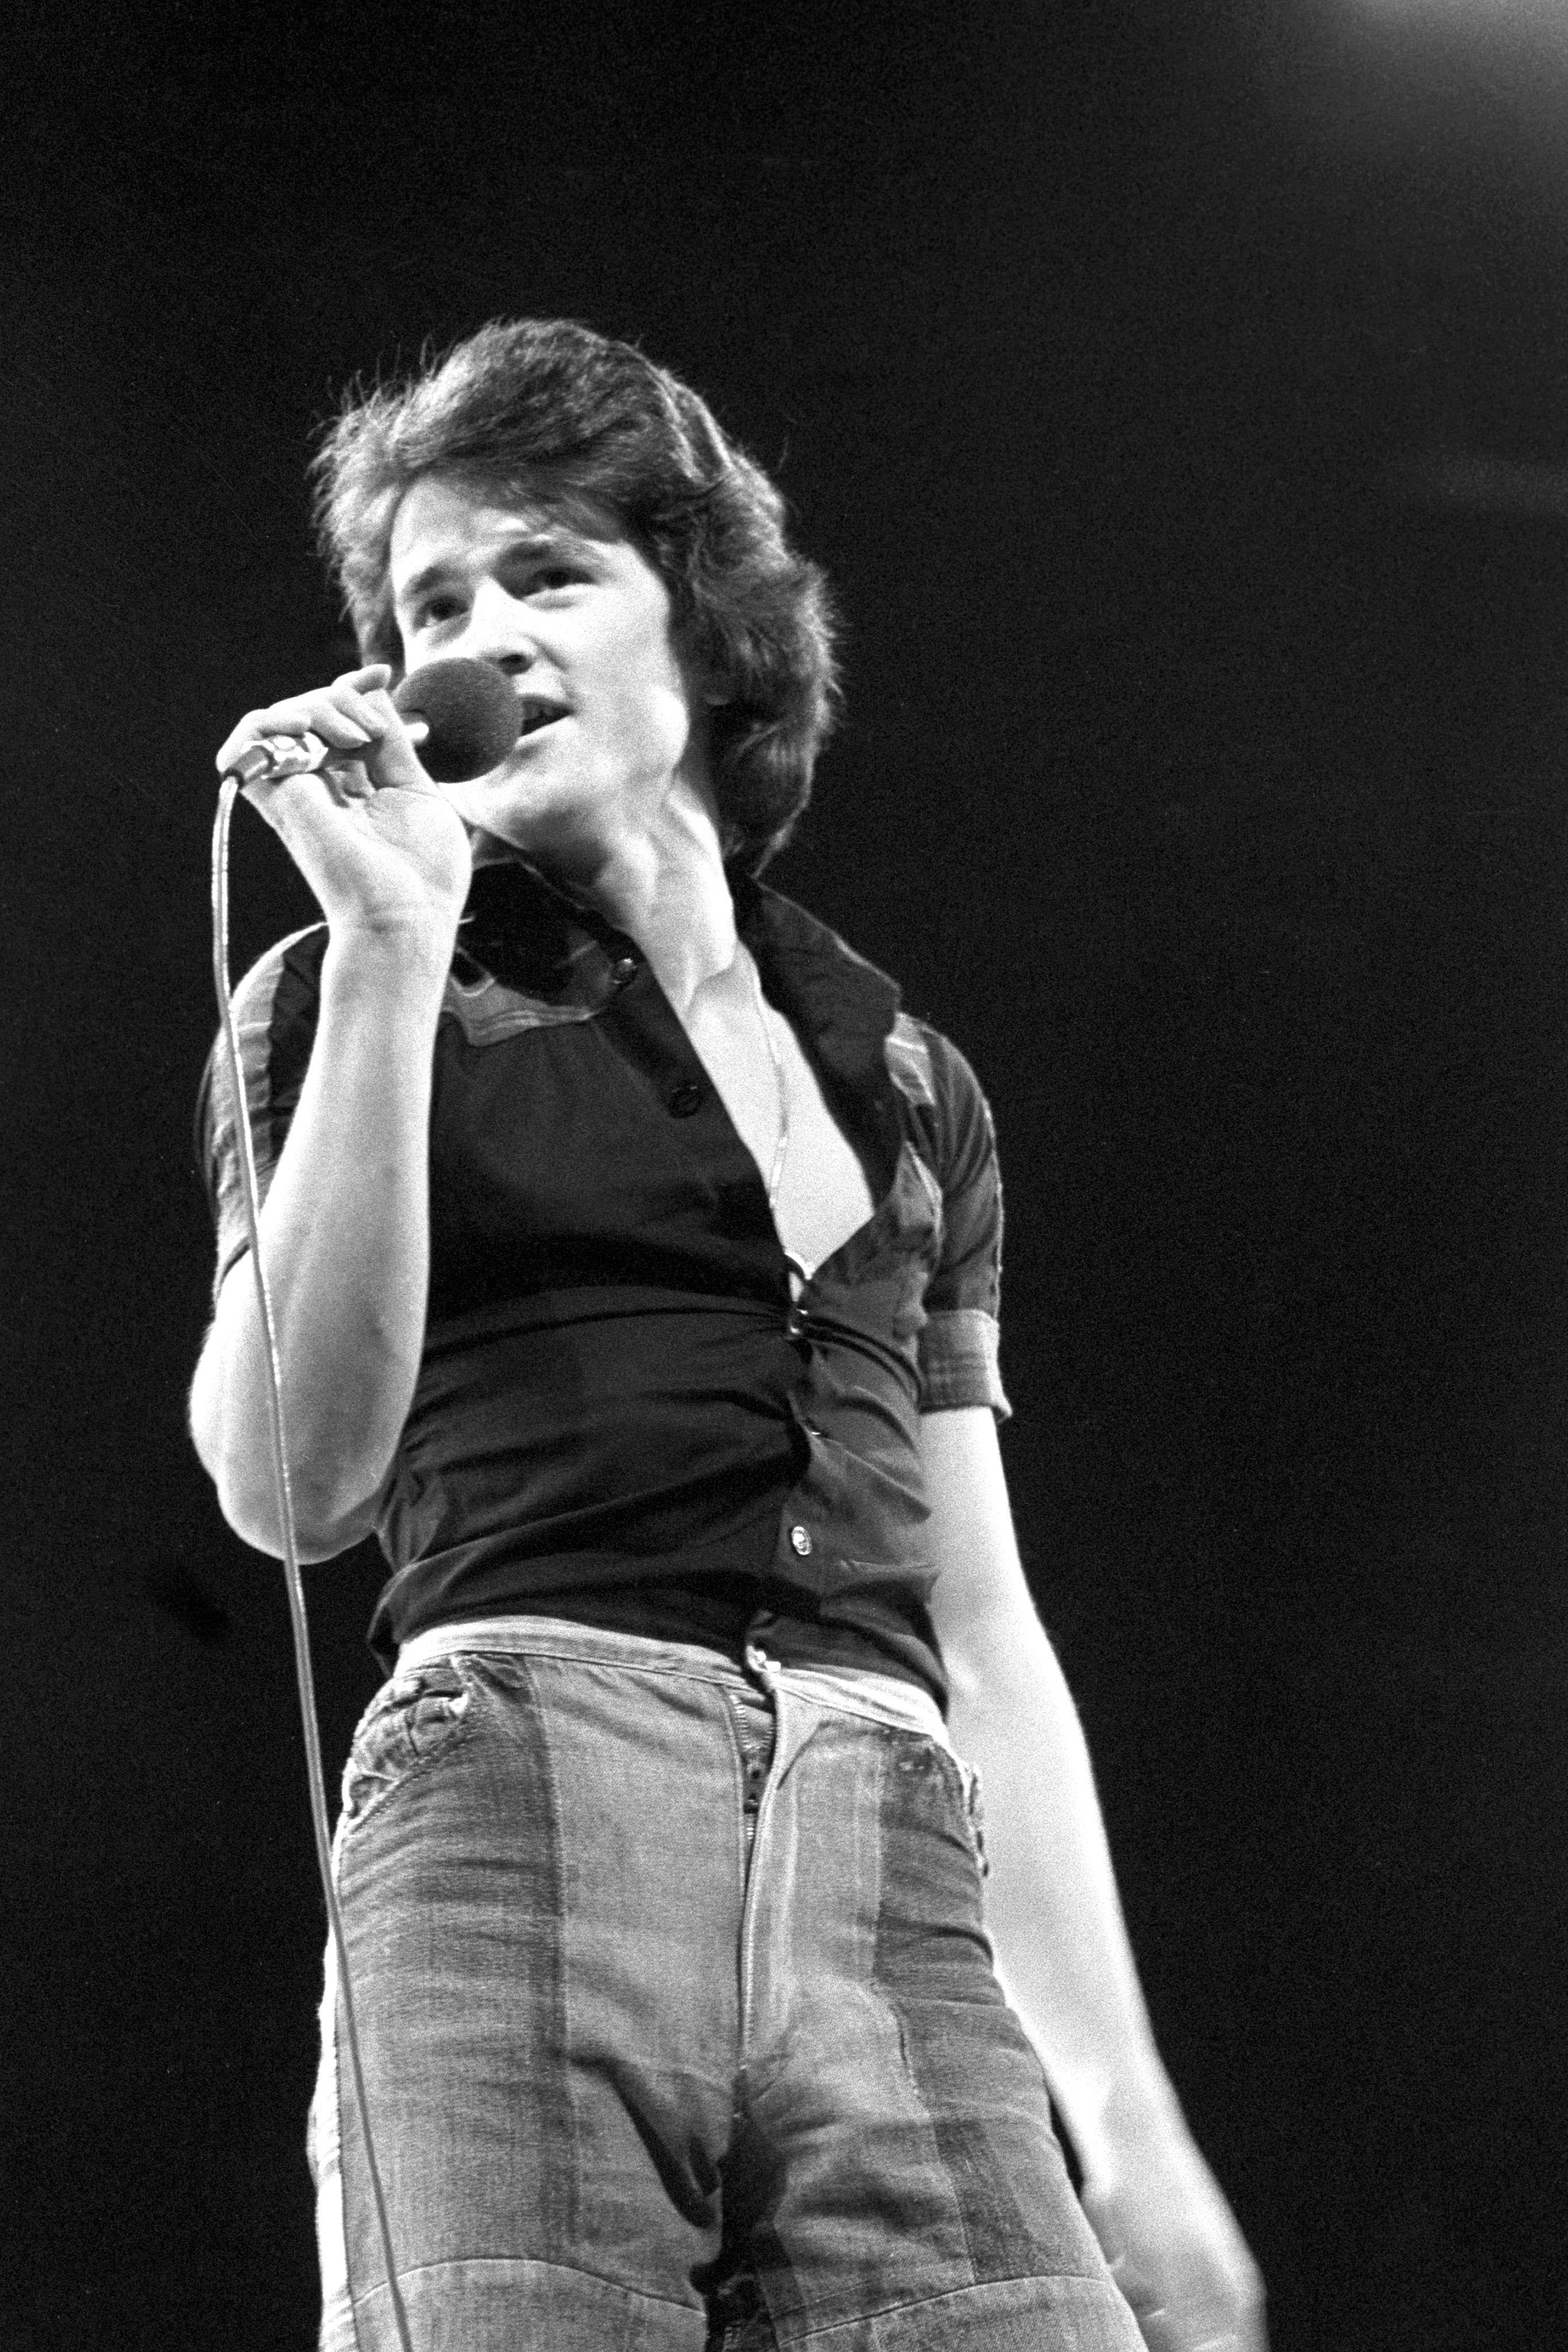 Les McKeown 1975